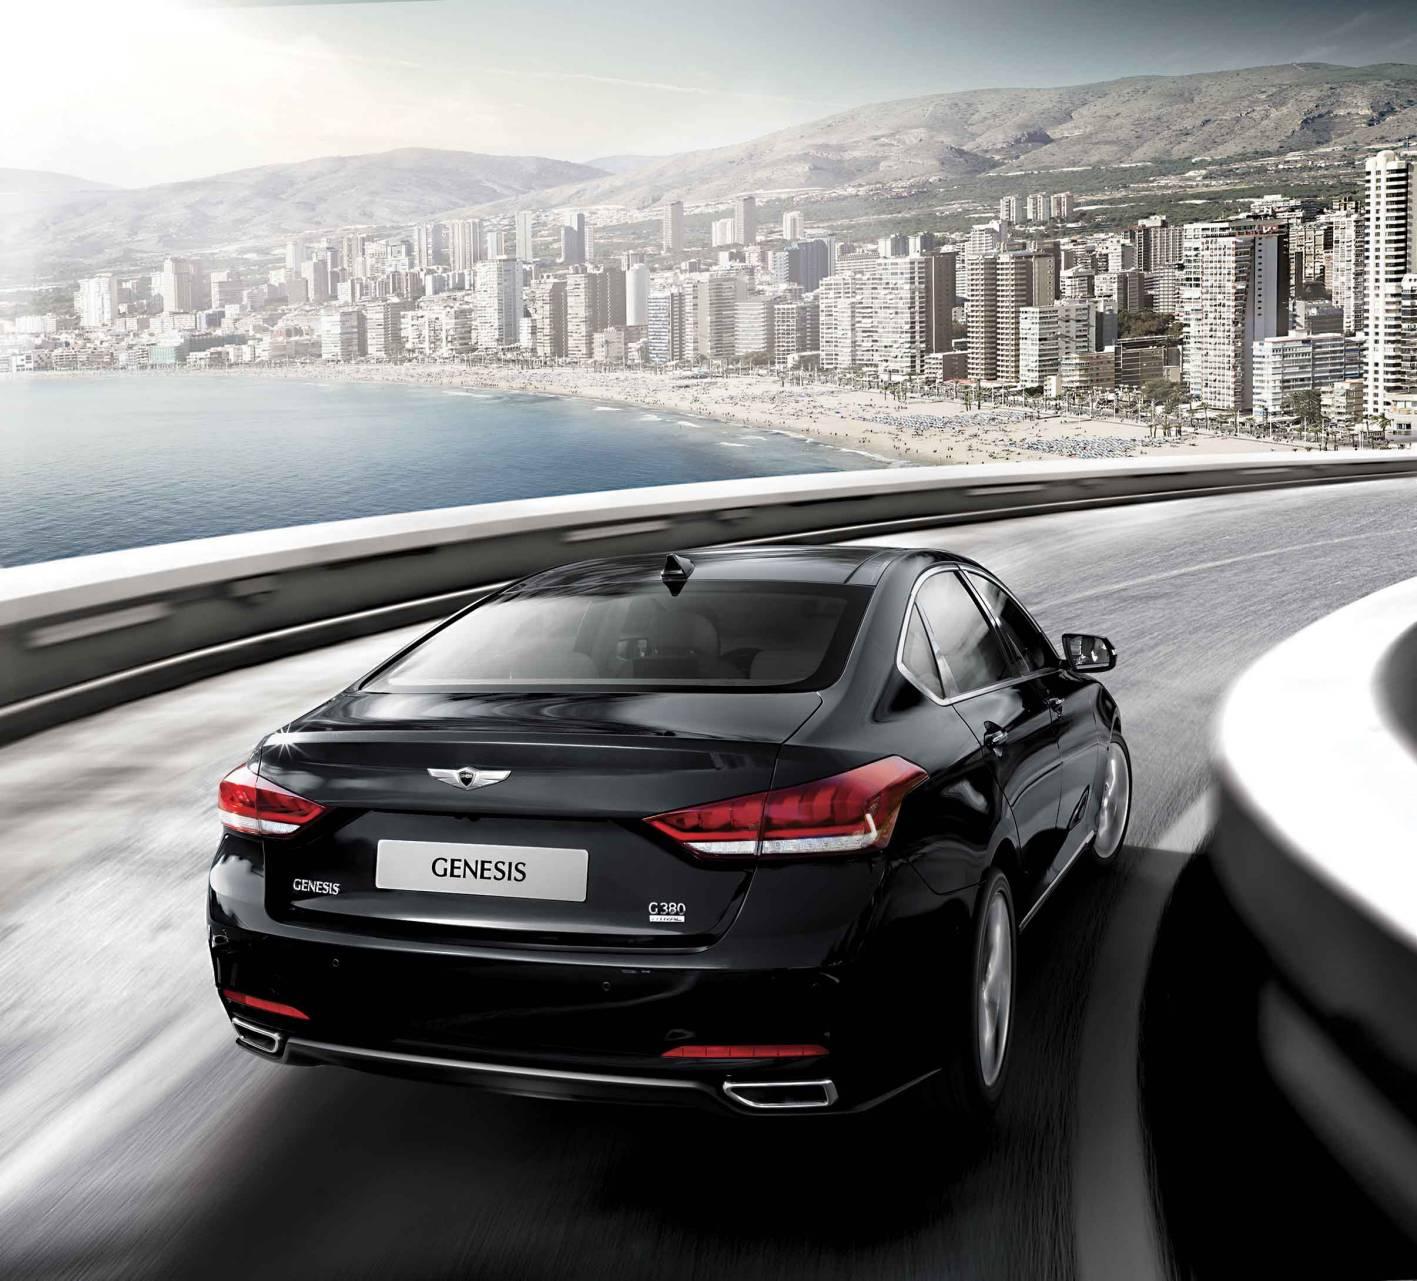 Hyundai Cars News Rear Drive Genesis Sedan Arrives In July